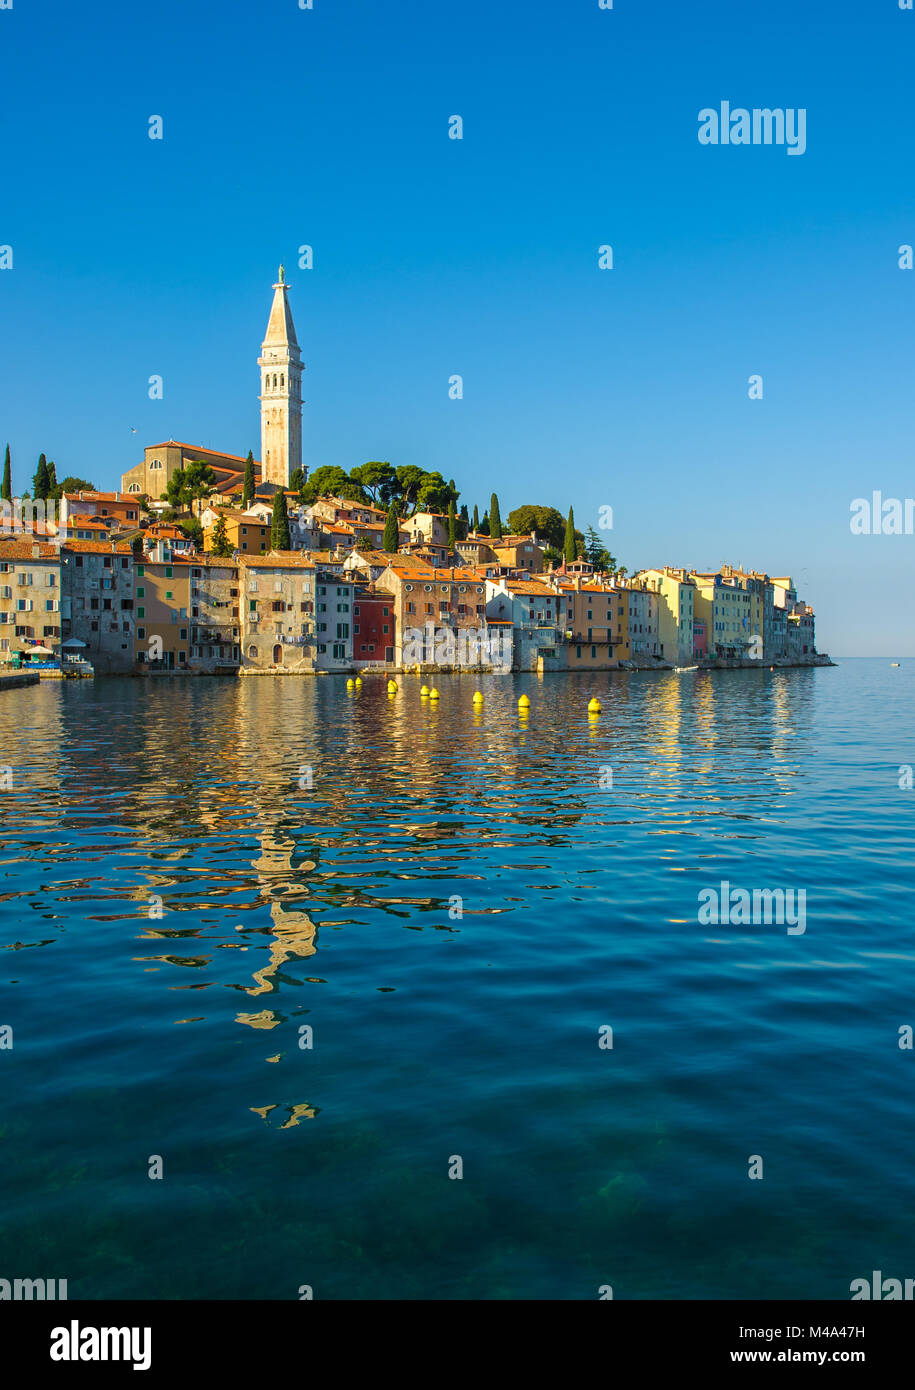 Vieille ville de Rovinj, Istrie, Croatie Photo Stock